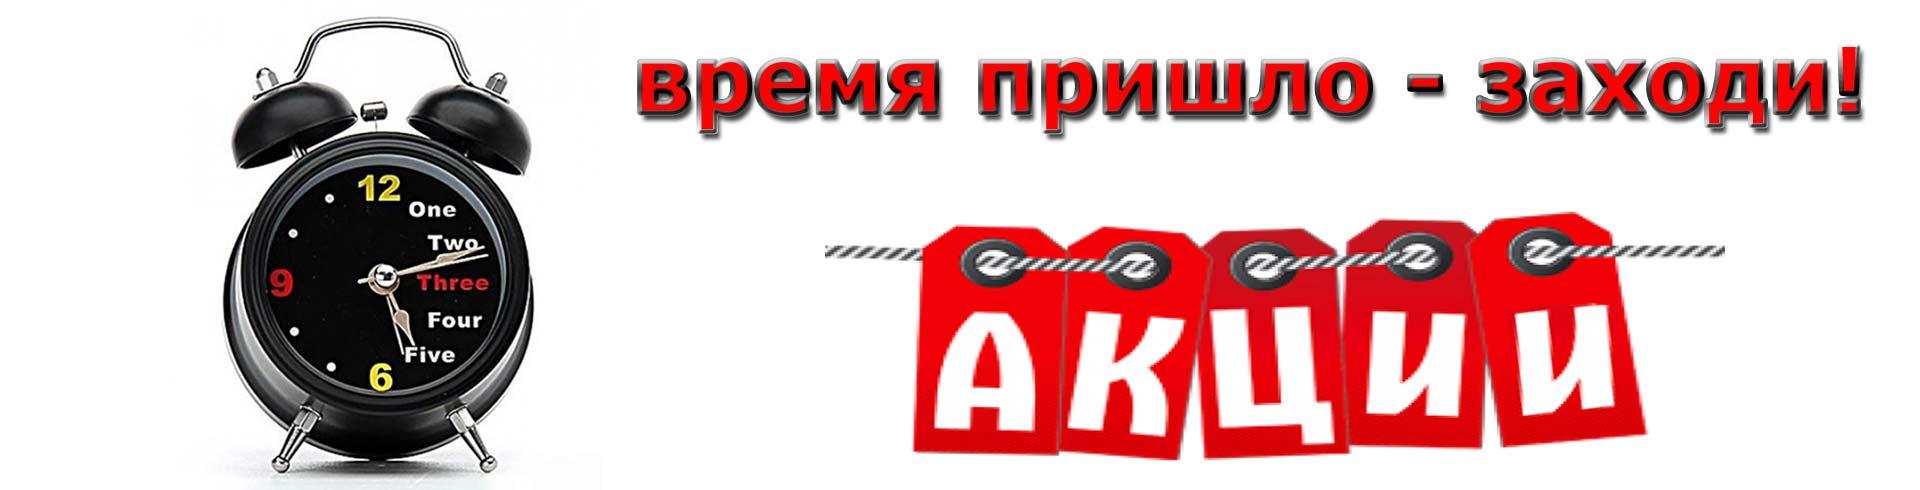 841659416cf3 Napoli.ua - продукты из Италии, Германии | Интернет-магазин европейских  товаров